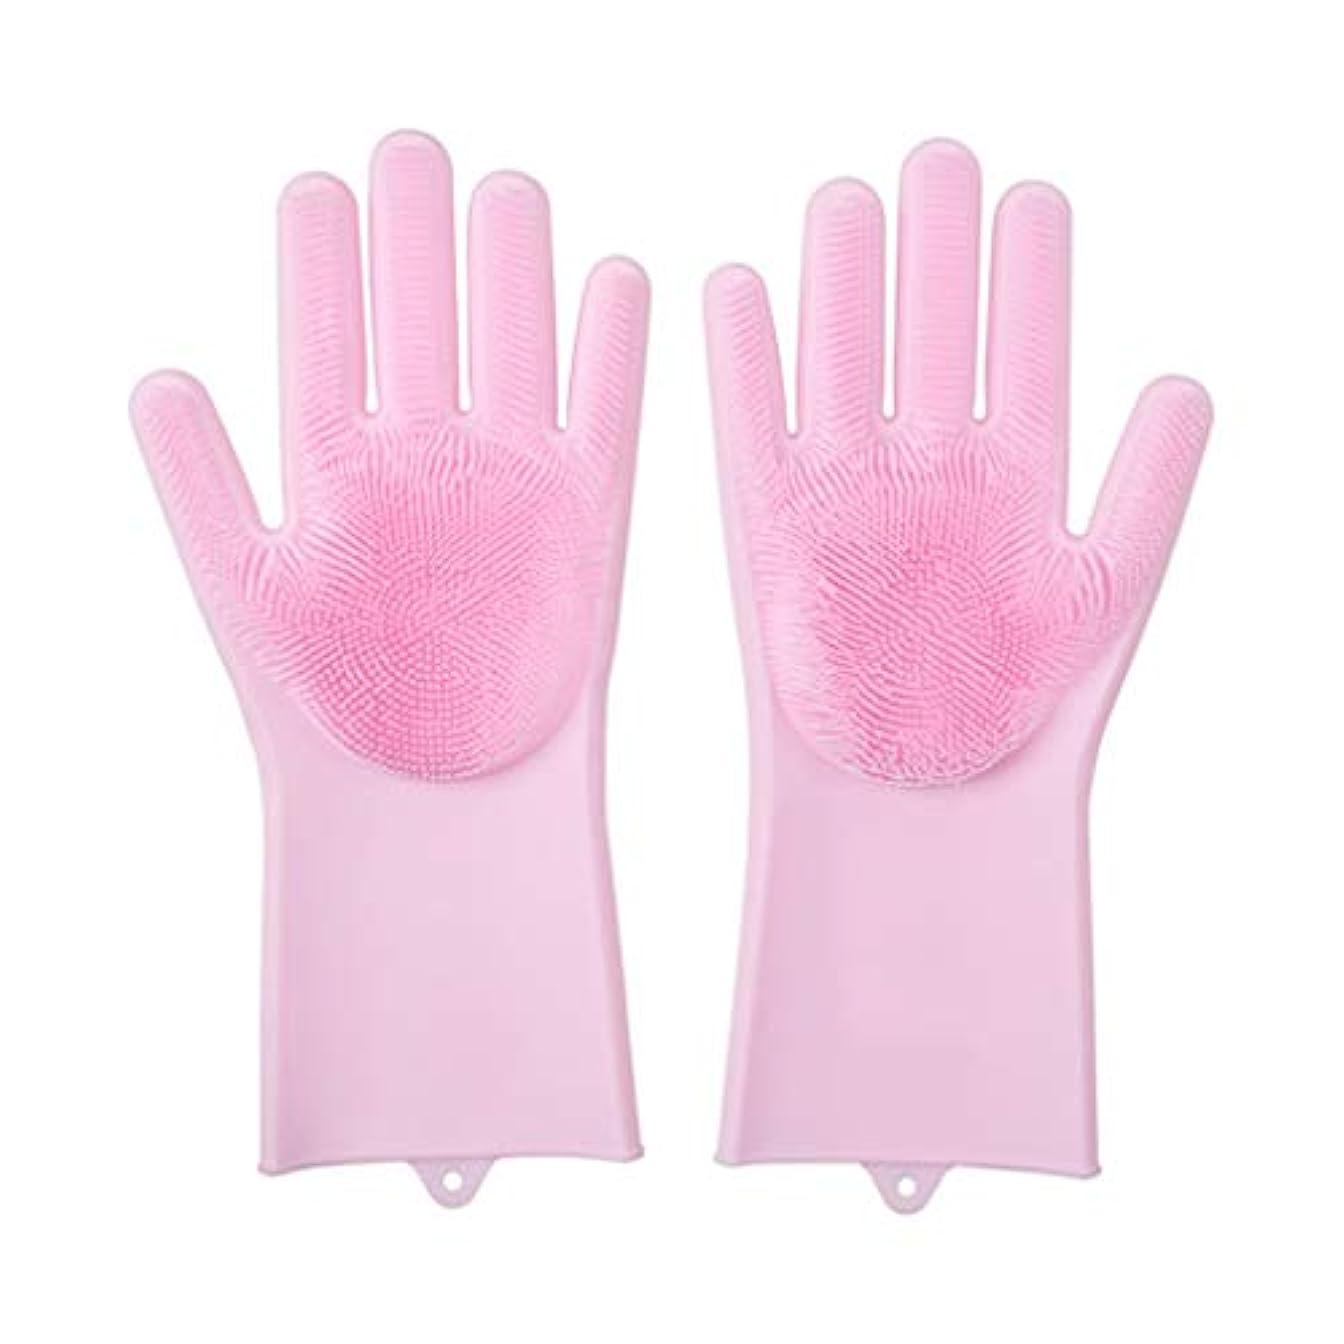 人生を作る新年力強いLIUXIN スクラバー付きシリコン食器洗い手袋多機能家事ゴム手袋13.5×32.5センチマルチカラーオプション ゴム手袋 (Color : Pink)